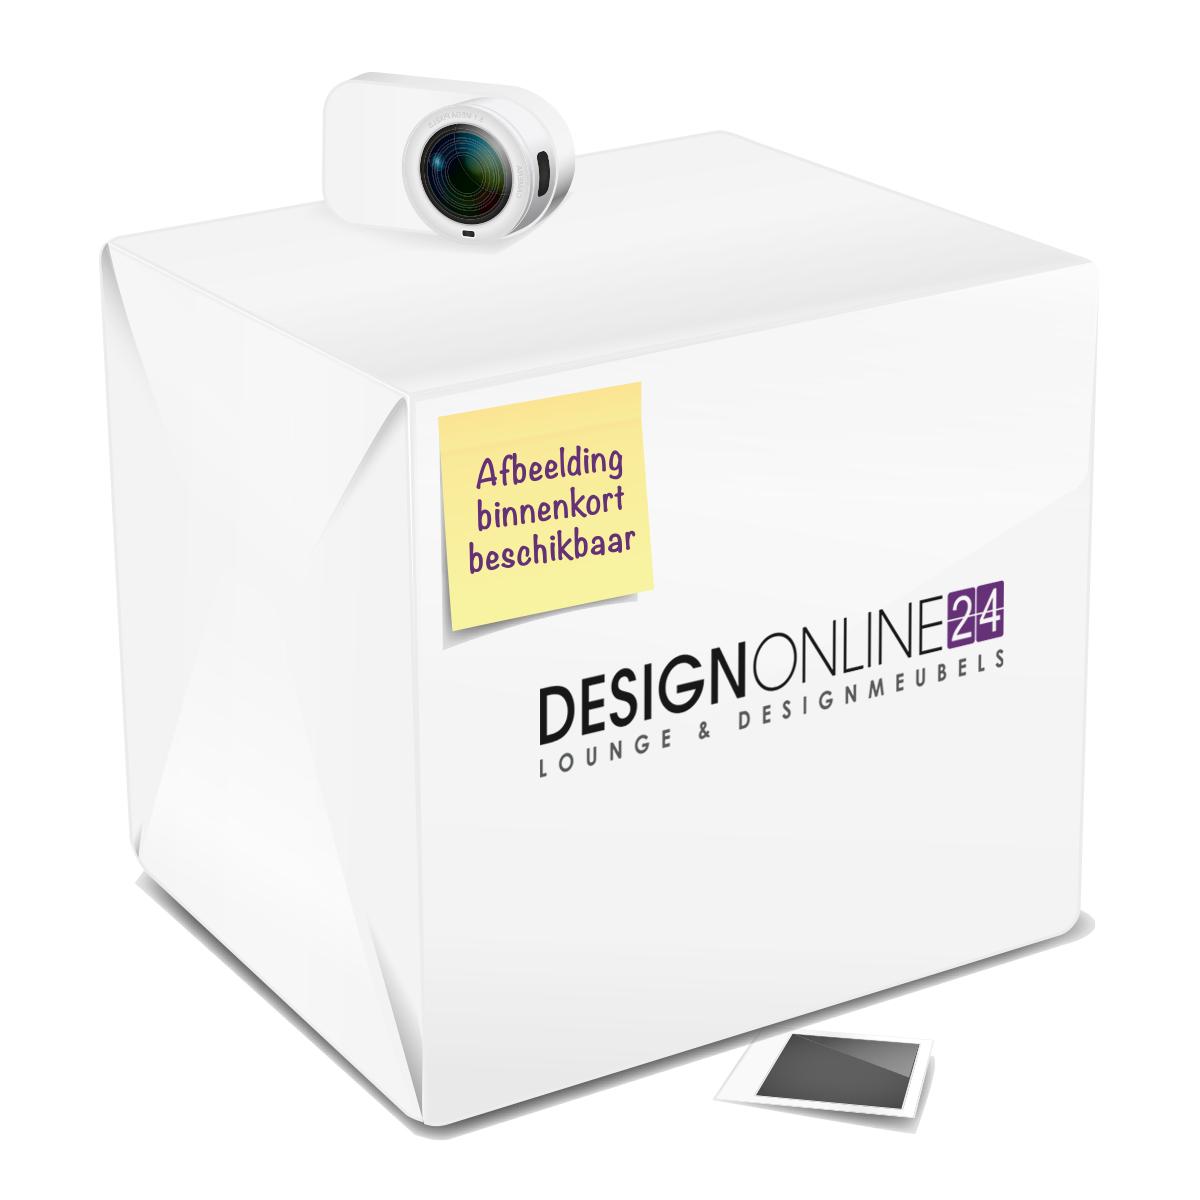 24Designs 24Designs Ligbed 1 persoons - Sandy - Verstelbaar en Verrijdbaar - Zandkleurig Polyrattan Wicker met Grijze kussens